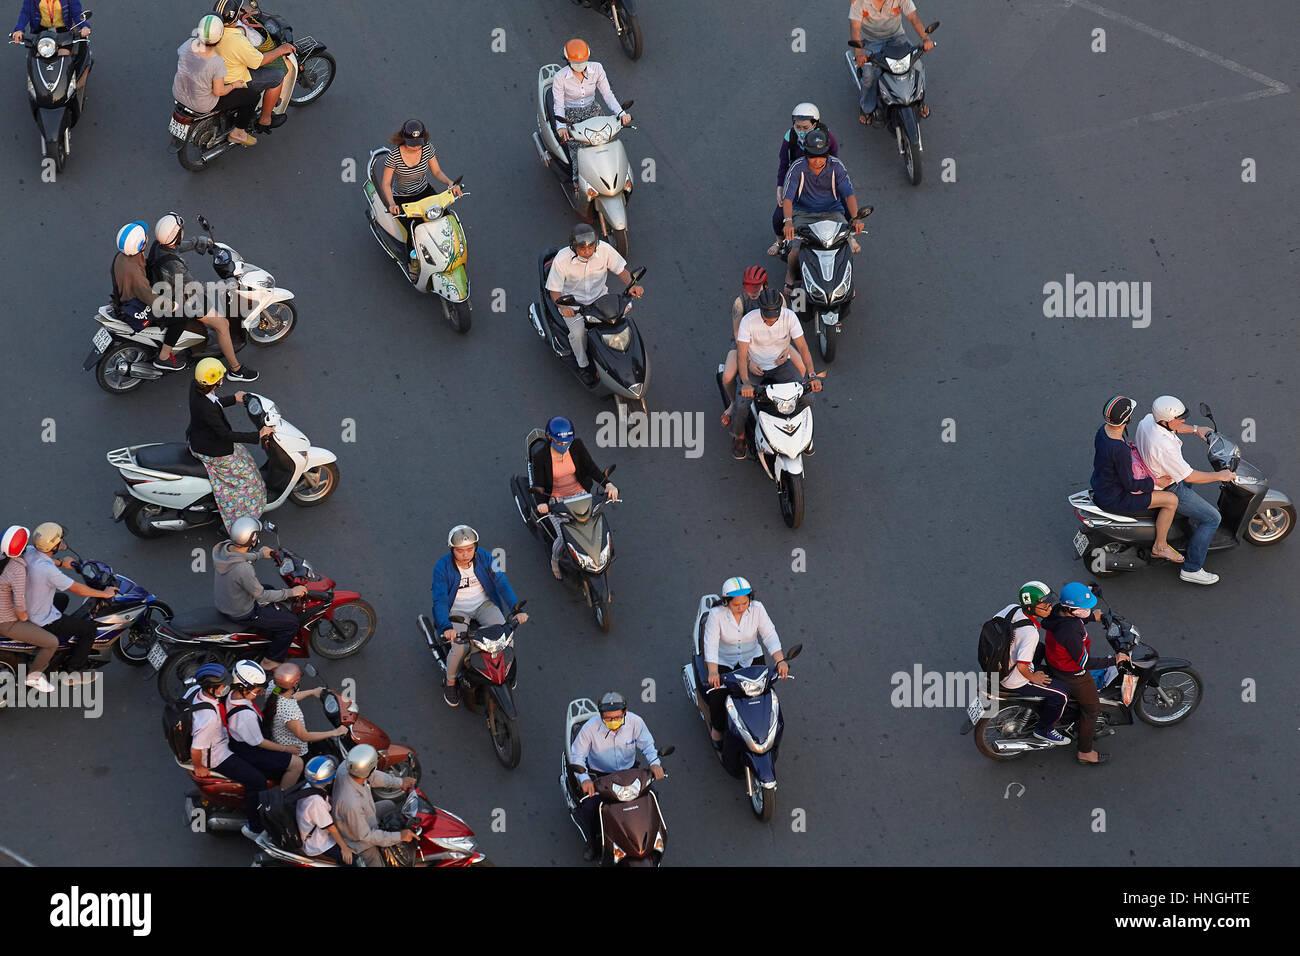 Au rond-point de motos de Ben Thanh, Ho Chi Minh Ville (Saigon), Vietnam Photo Stock